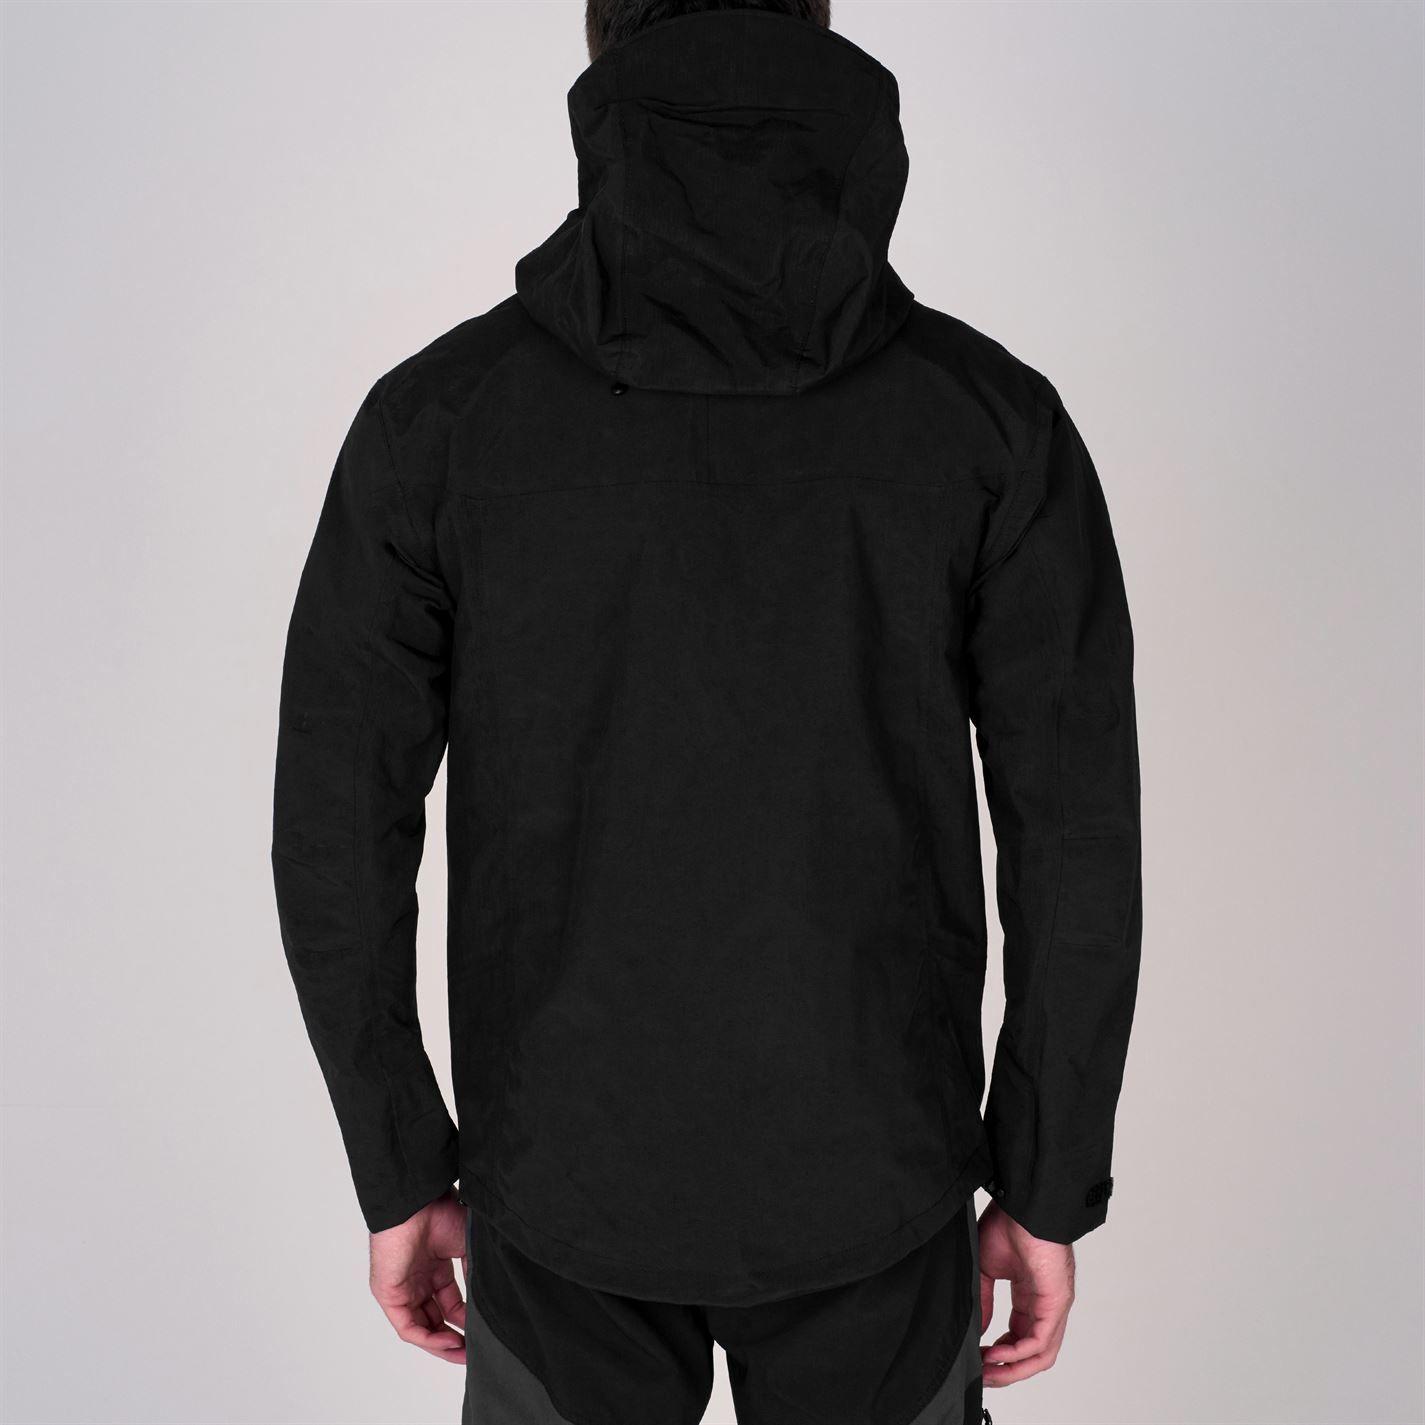 Karrimor Mens Hot Rock Jacket Waterproof Windproof Breathable Hooded Full Zip